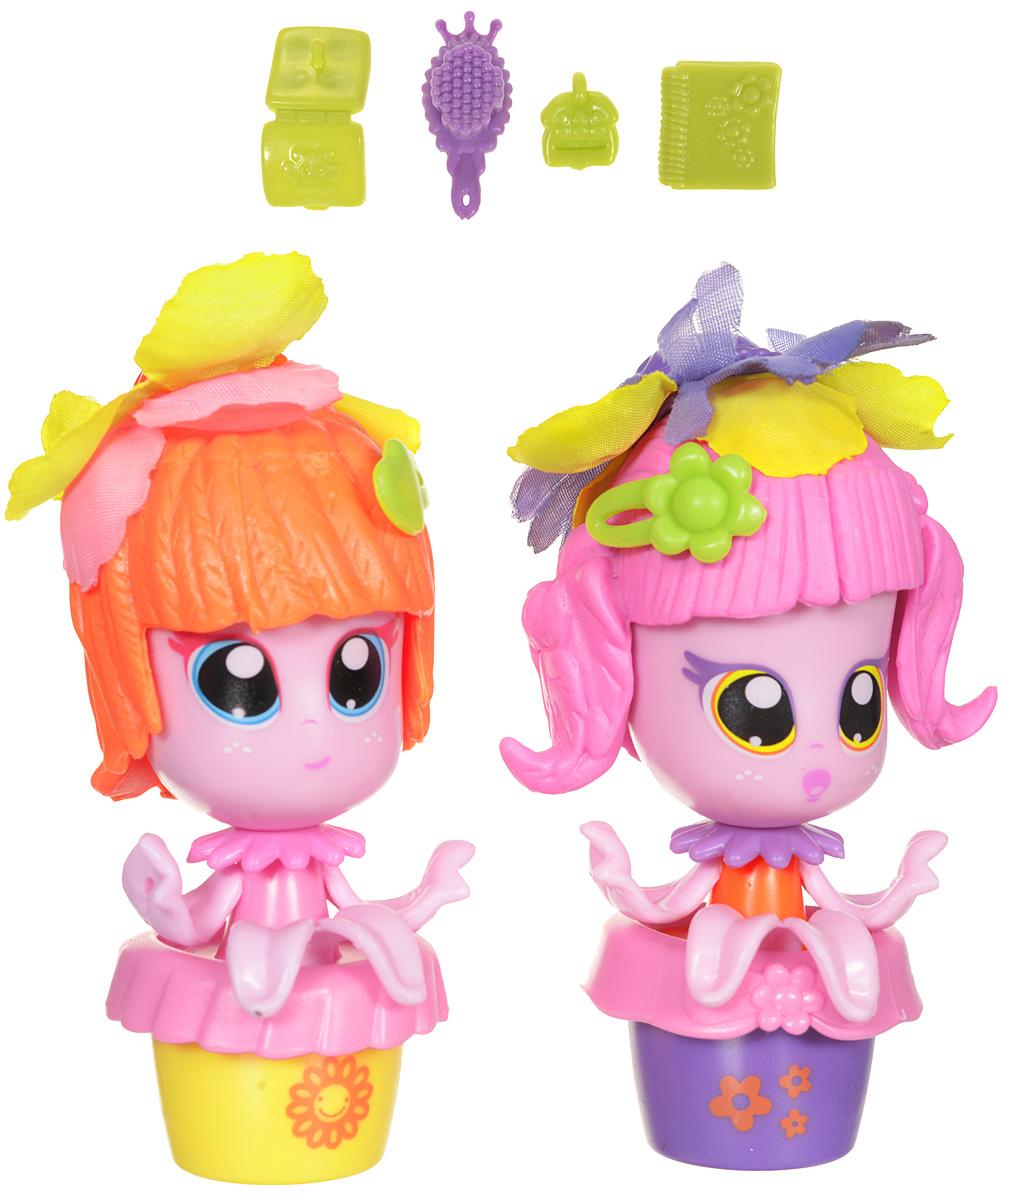 Daisy Игровой набор с мини-куклами Цветочек цвет розовый оранжевый 2 шт